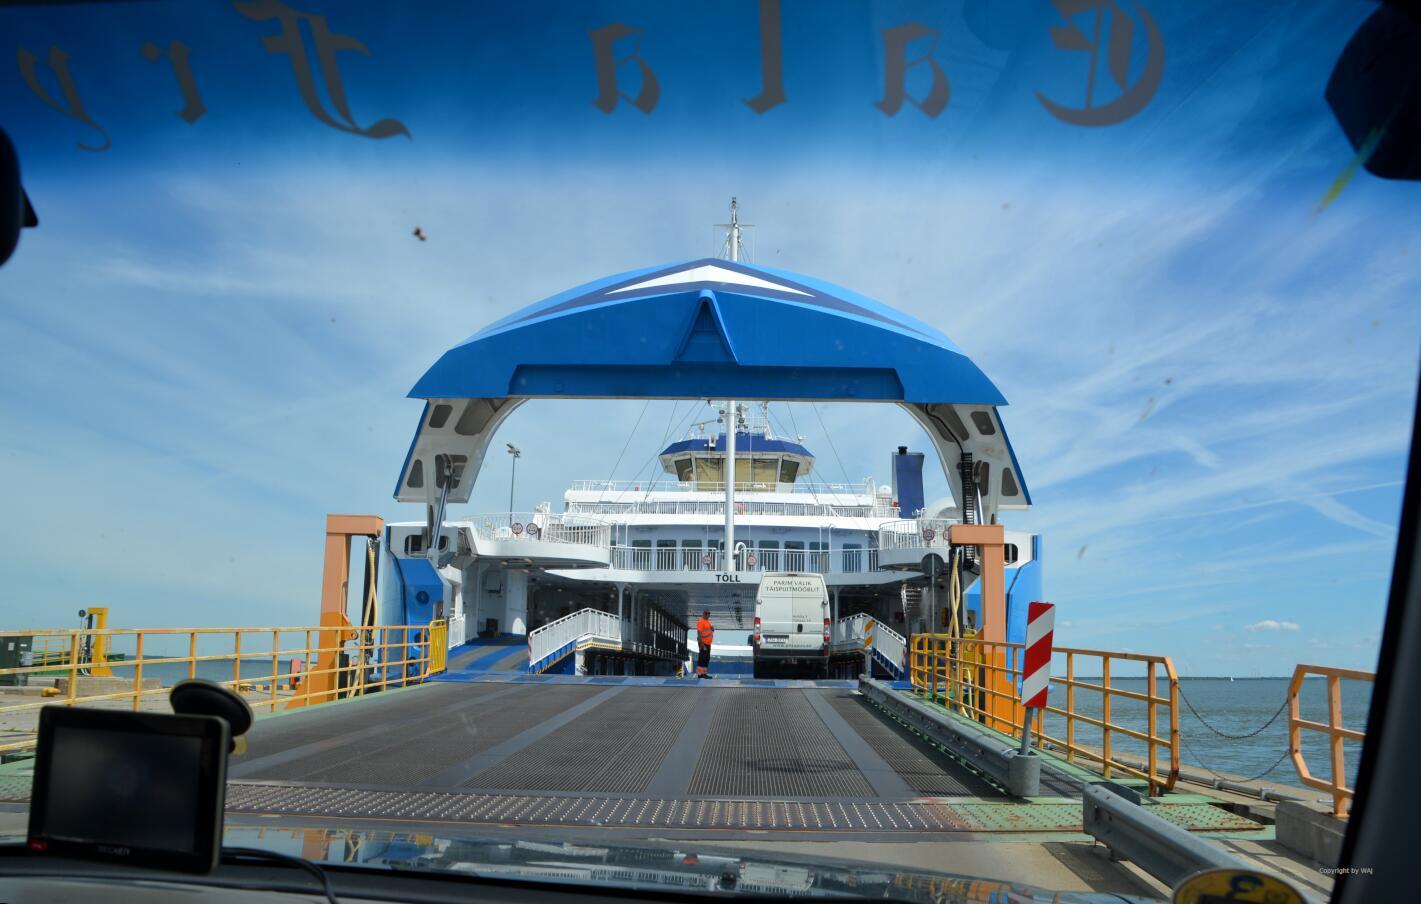 diesmal das blaue Schwesterschiff